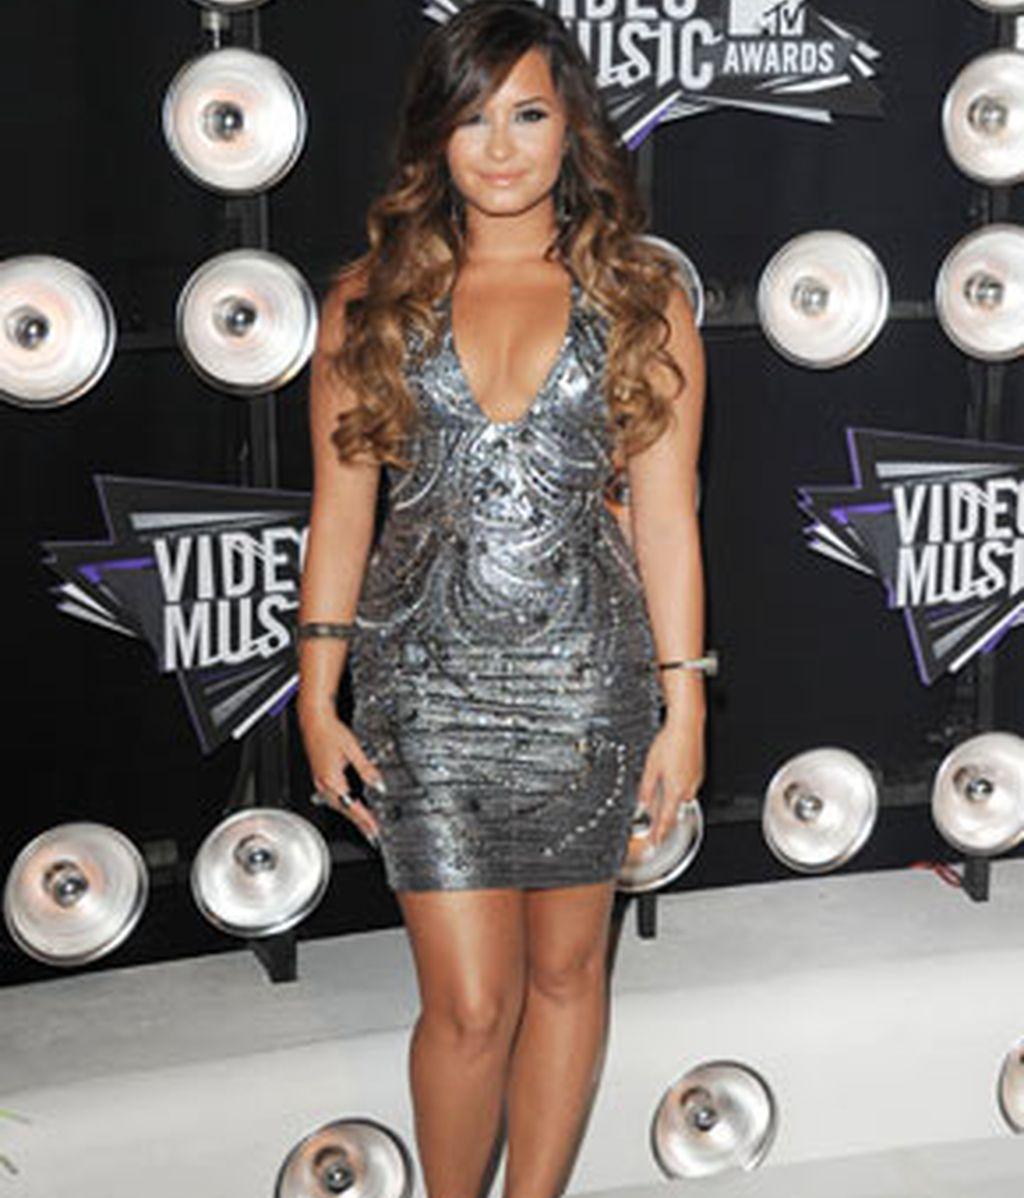 Este es el look que criticado en Twitter y en el que se cuestionaba el peso de Lovato. Foto: GTRES